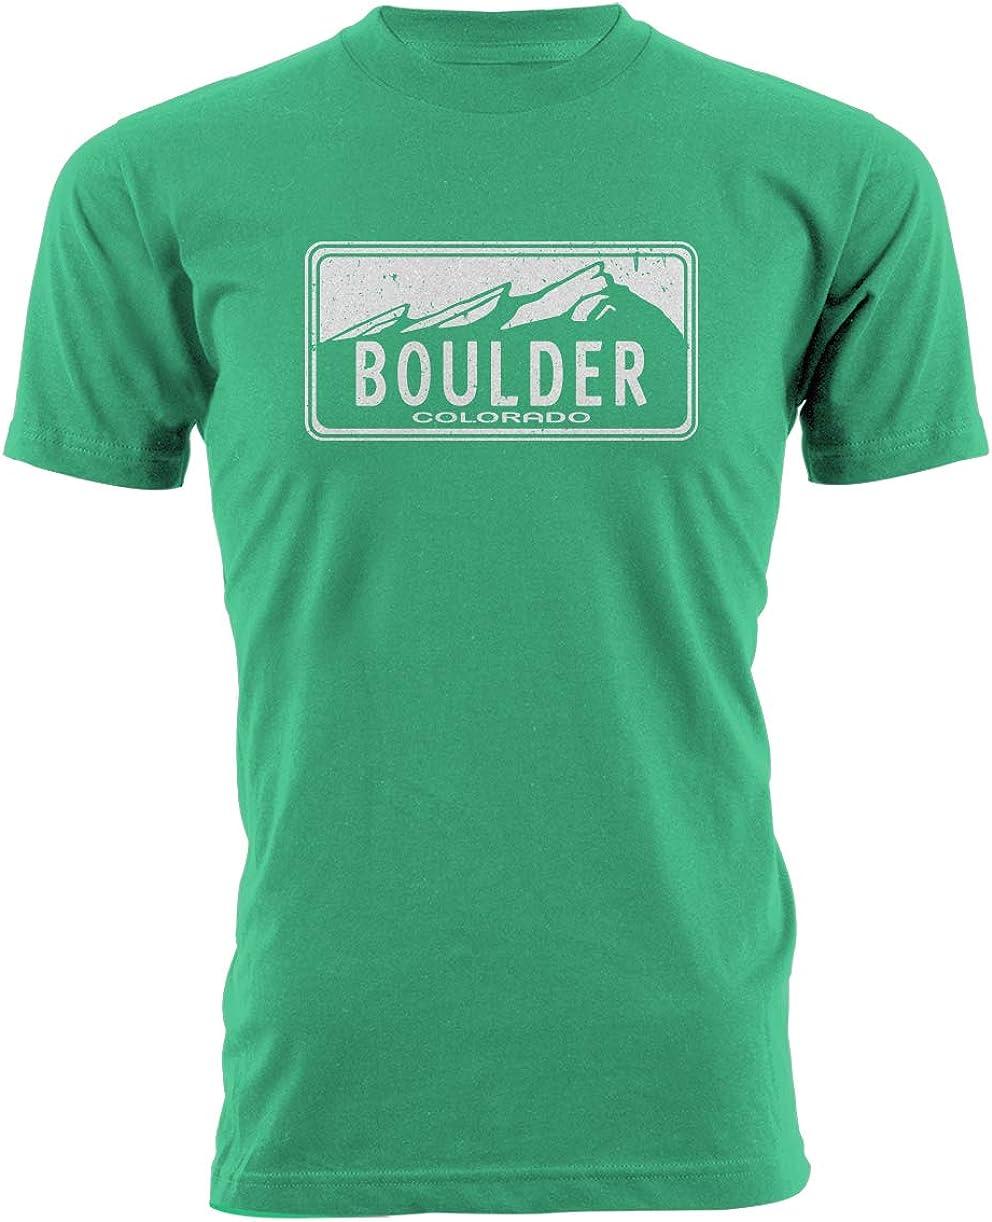 All City Prints Boulder Colorado - Camiseta de Manga Corta Unisex para Hombre - Verde - Small: Amazon.es: Ropa y accesorios